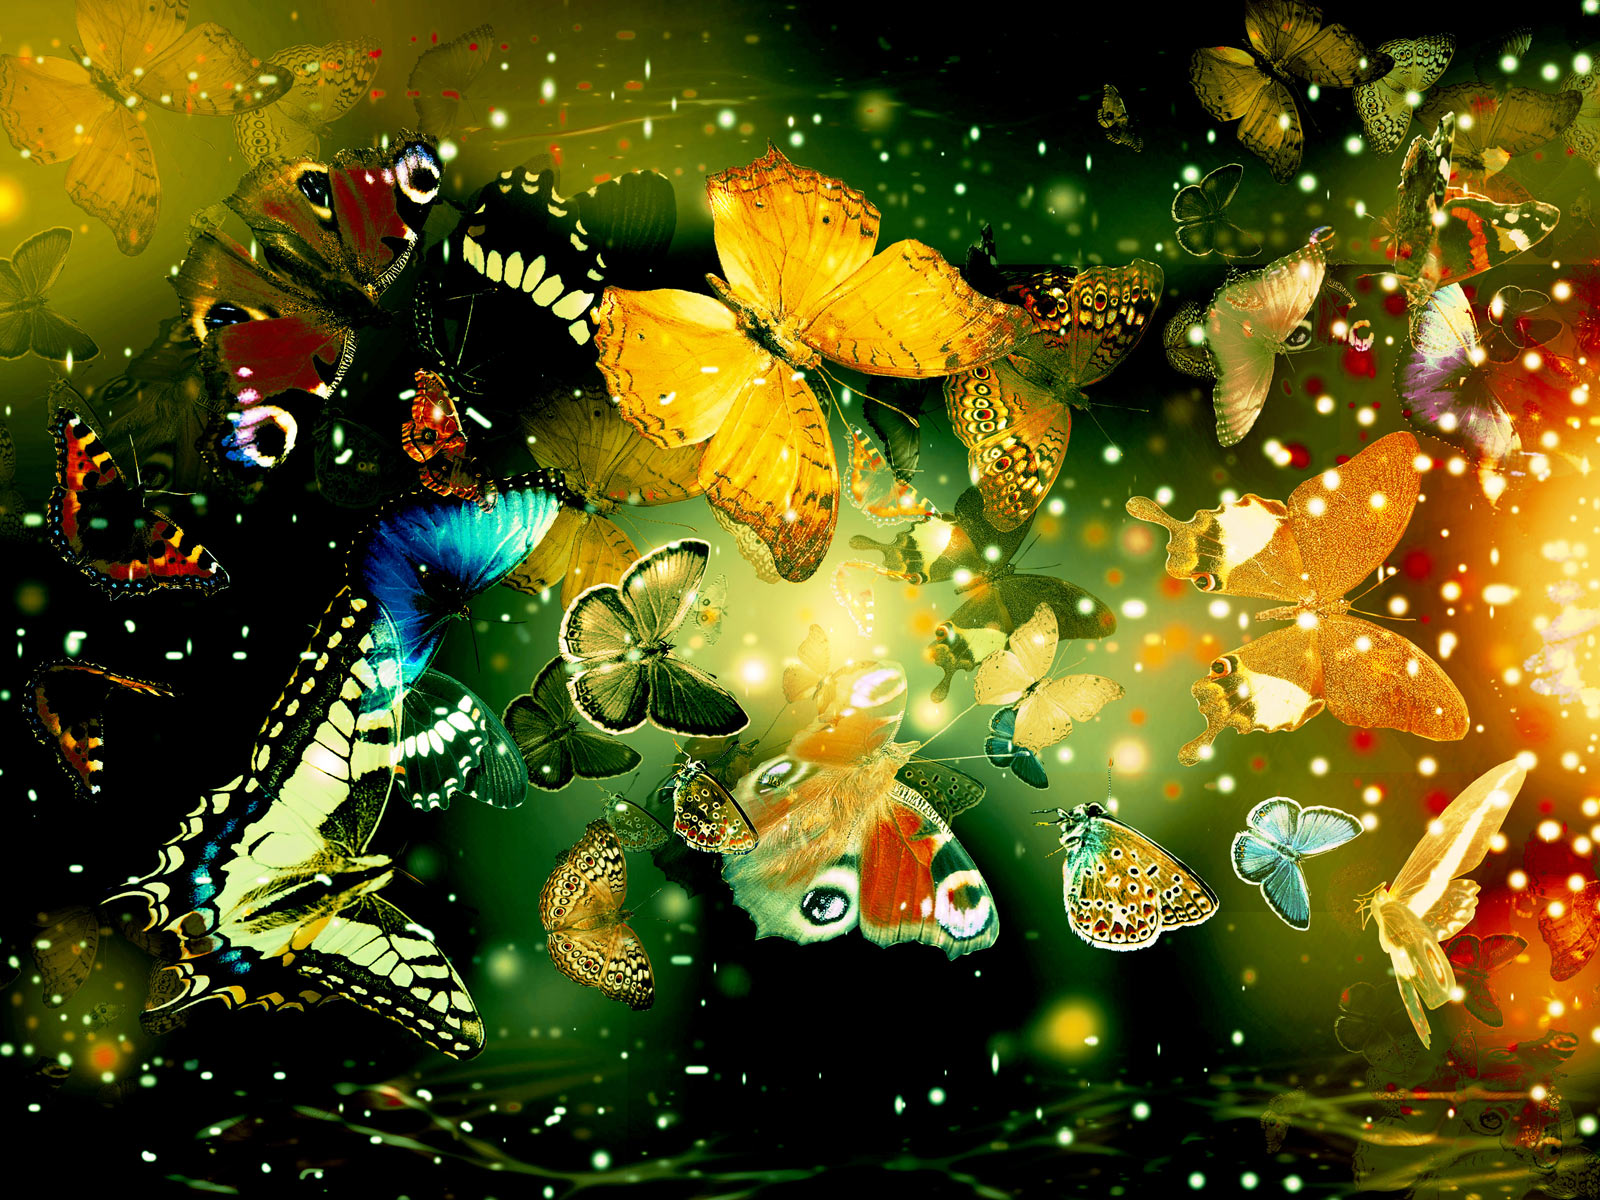 Wallpapers   HD Desktop Wallpapers Online Desktop Wallpapers 1600x1200